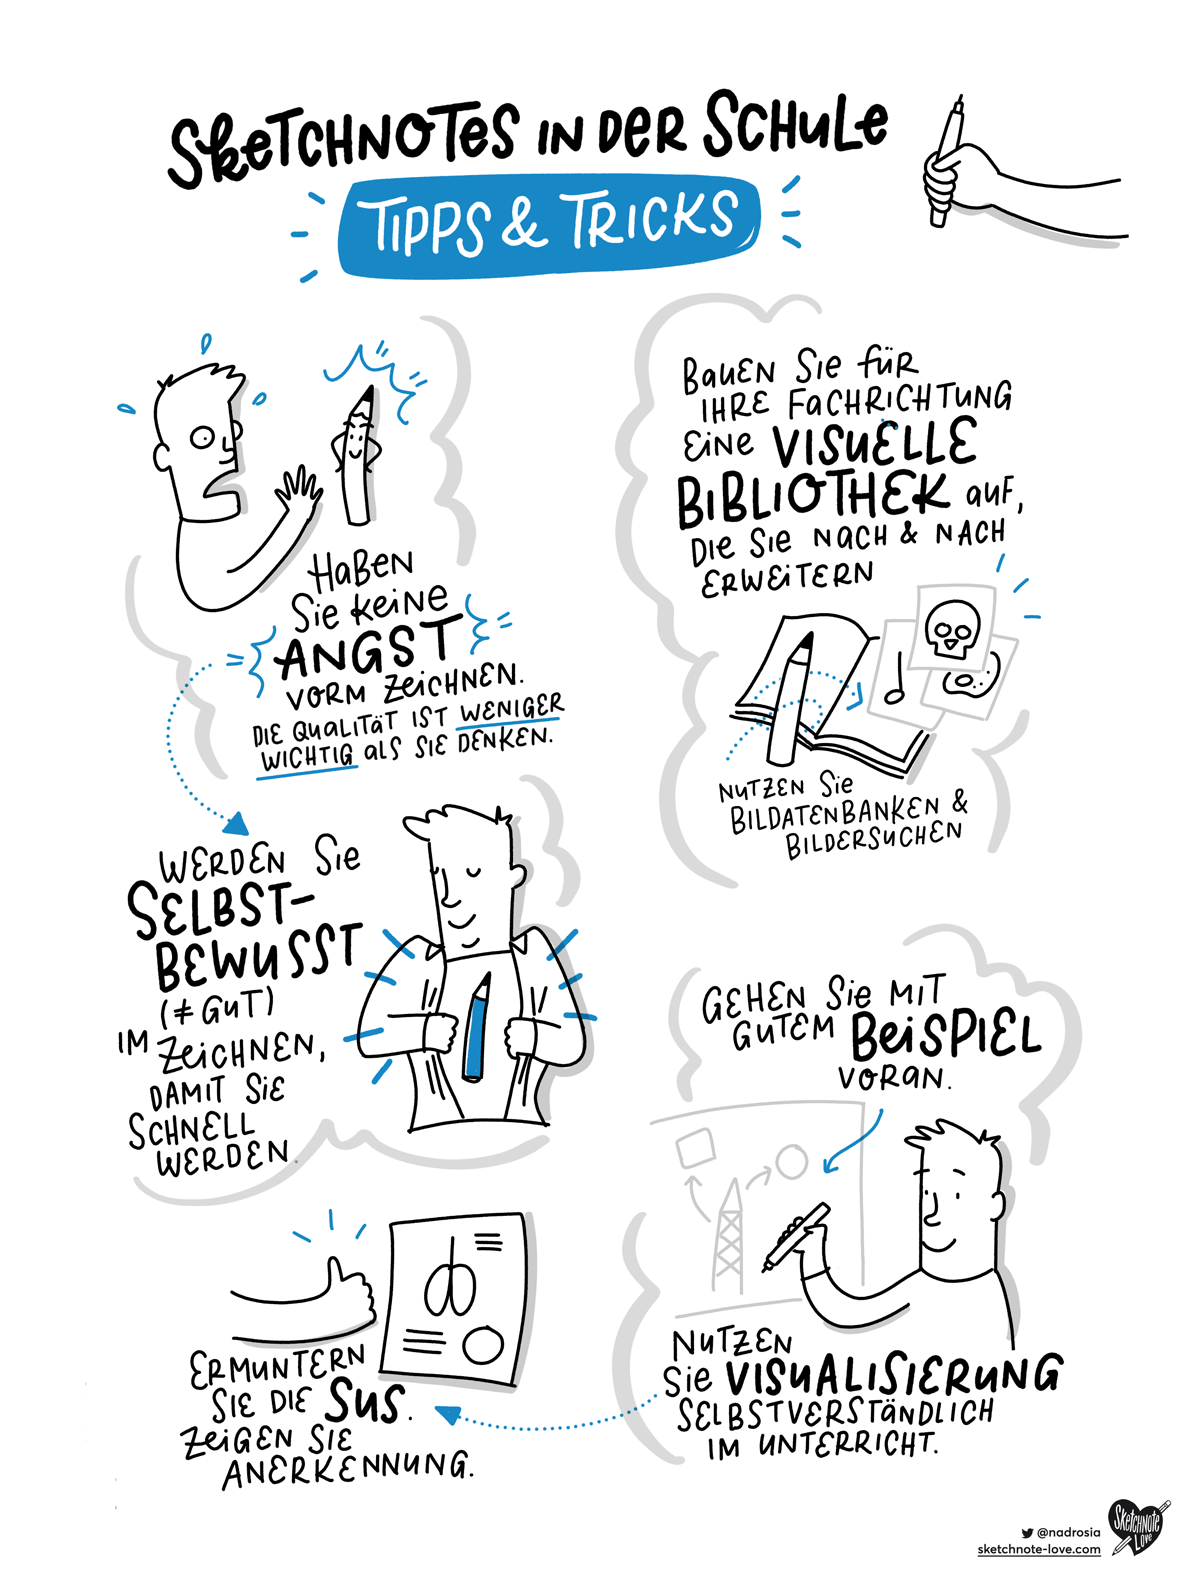 Sketchnotes in der Schule Tipps & Tricks